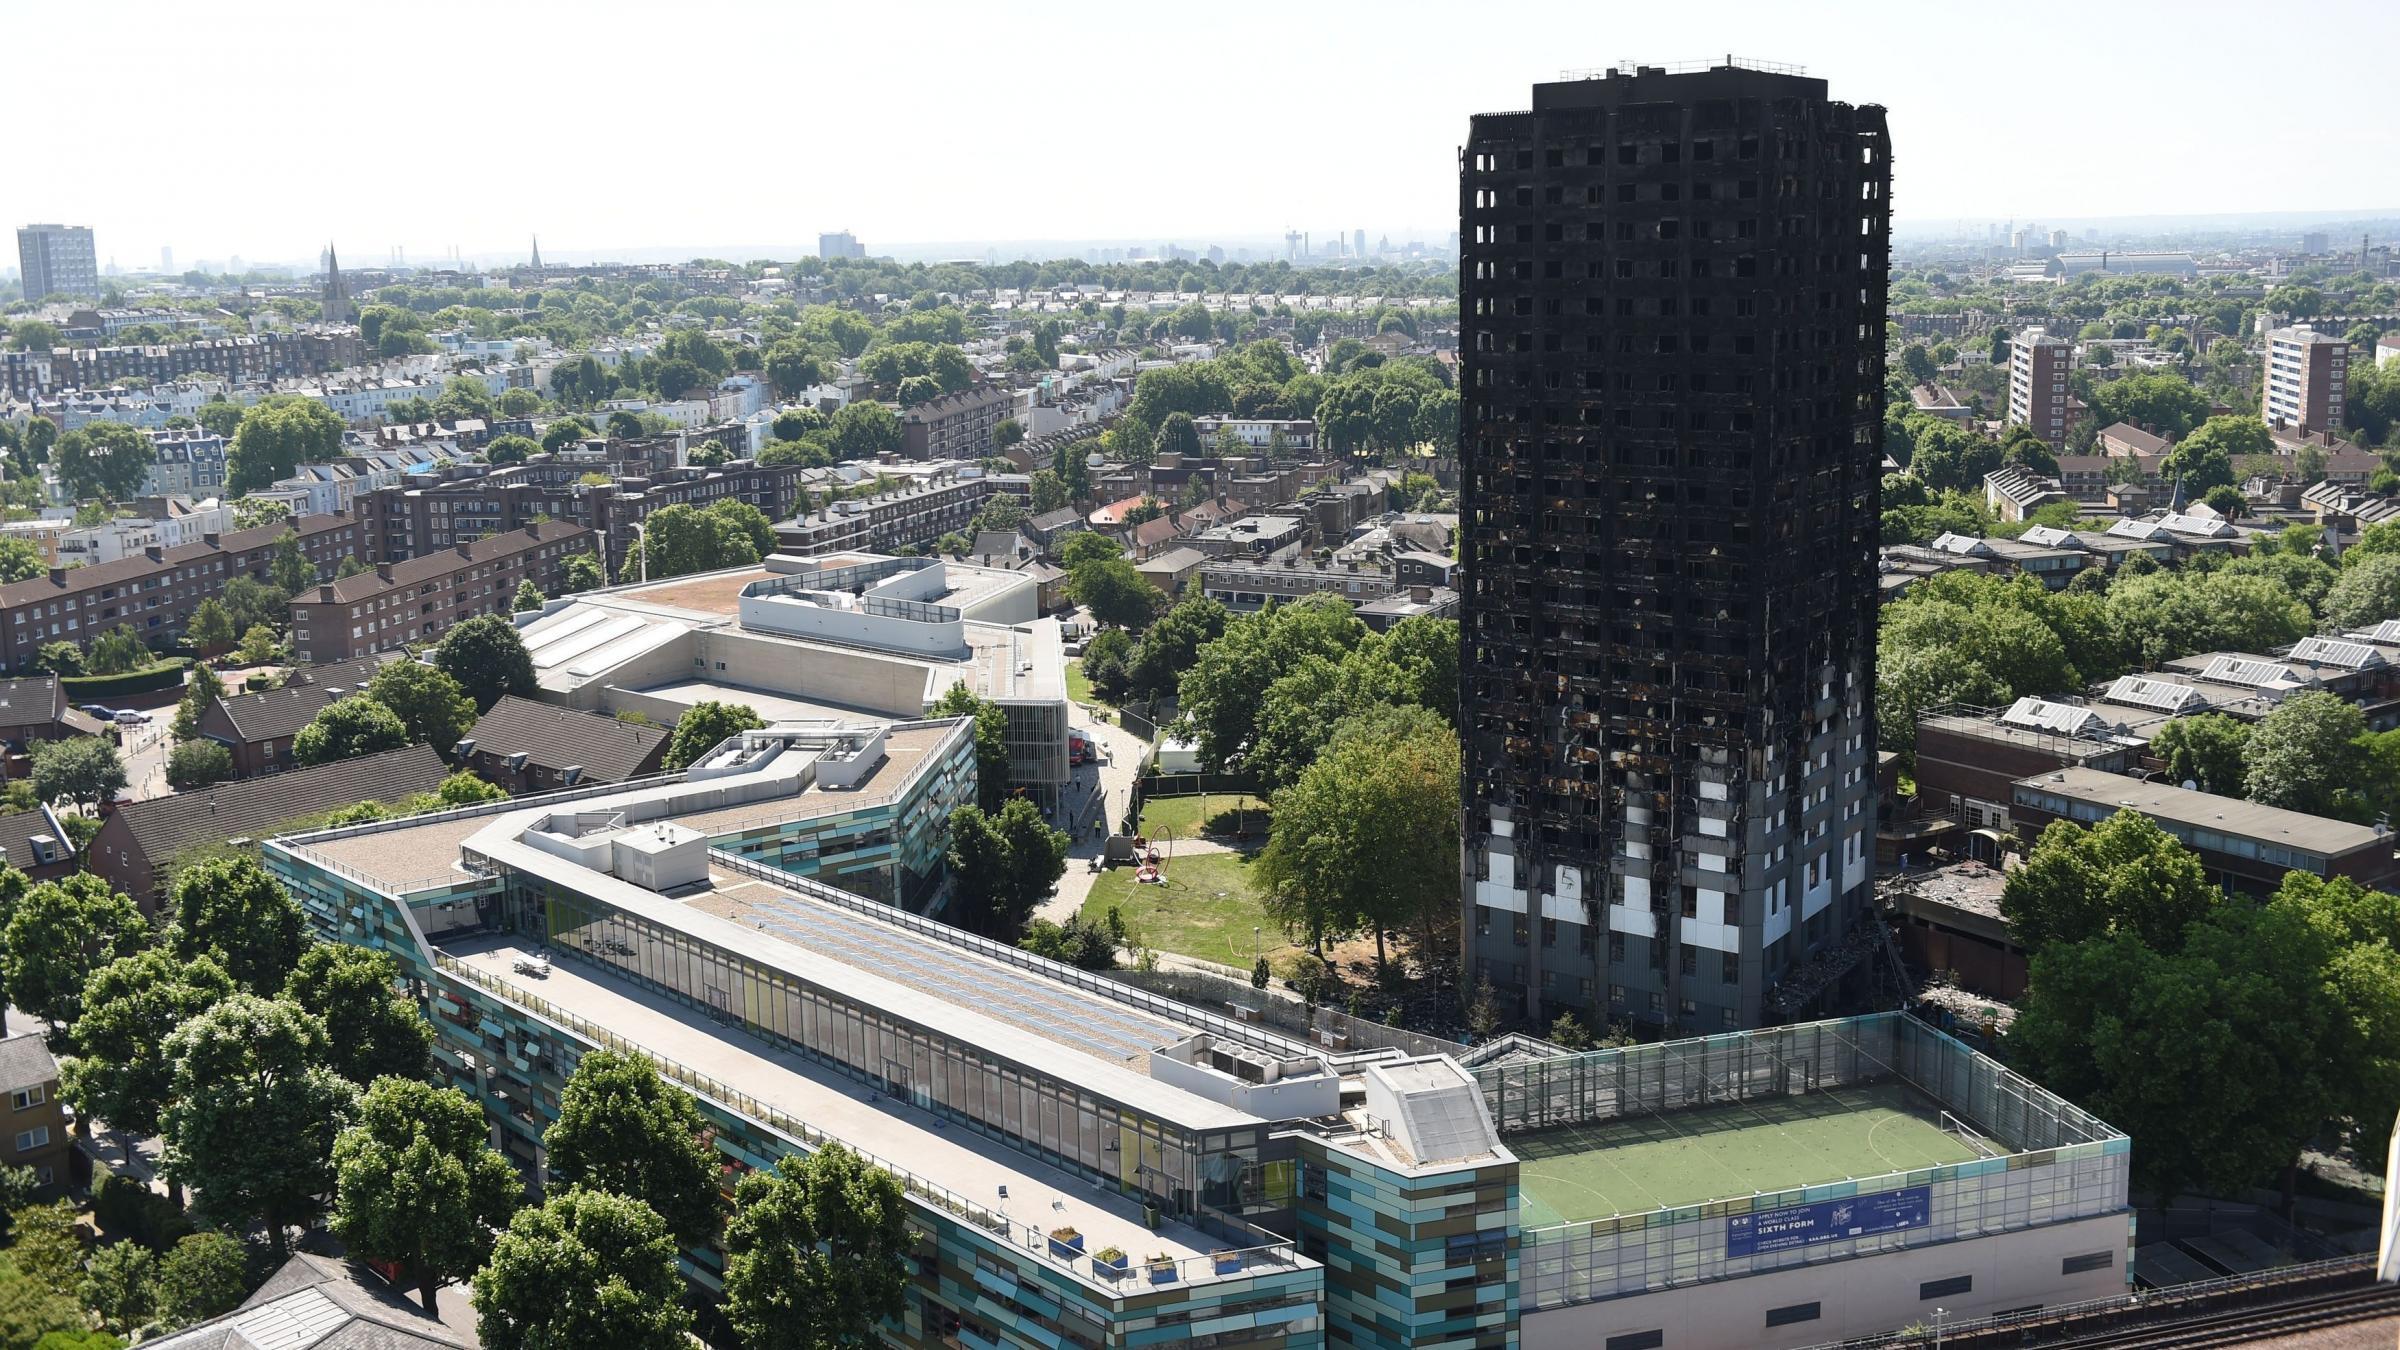 79 people presumed dead in London tower fire